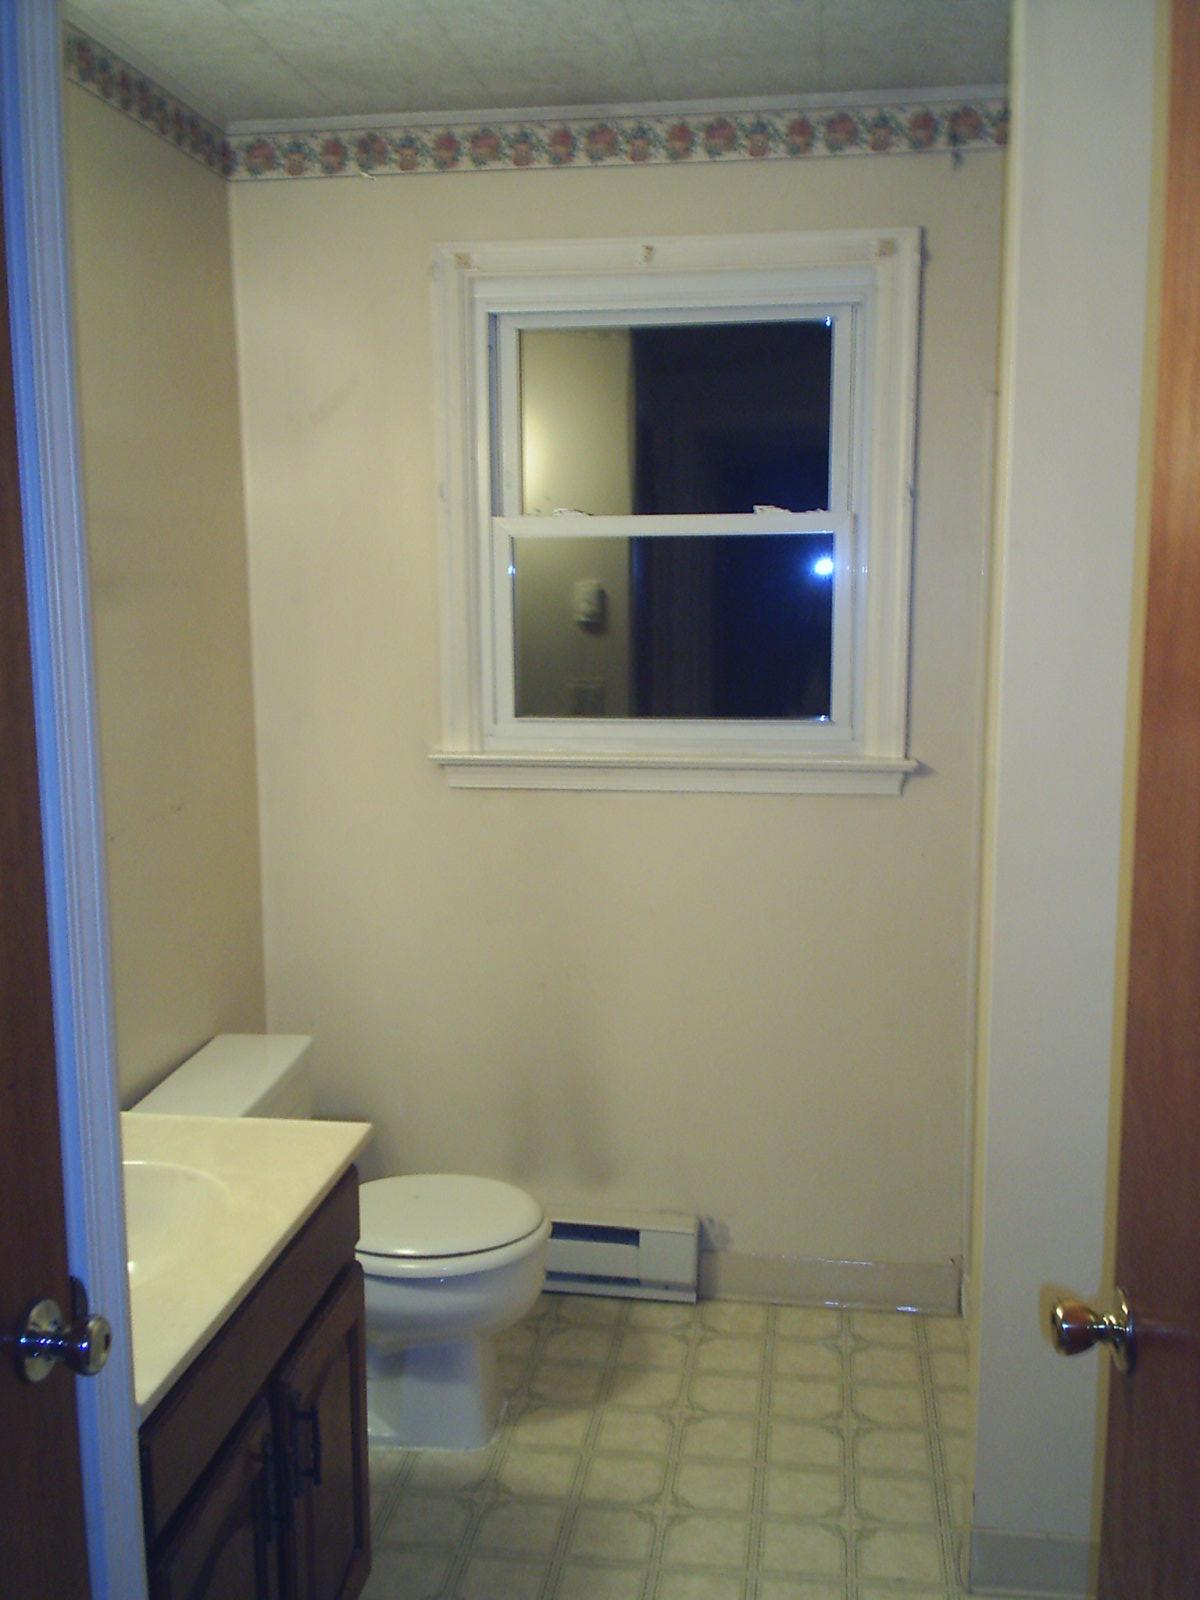 http://2.bp.blogspot.com/-roSoUD7TQKA/ToRon9NEXzI/AAAAAAAACM0/IyYvI6t1YFM/s1600/Bathroom+before.jpg